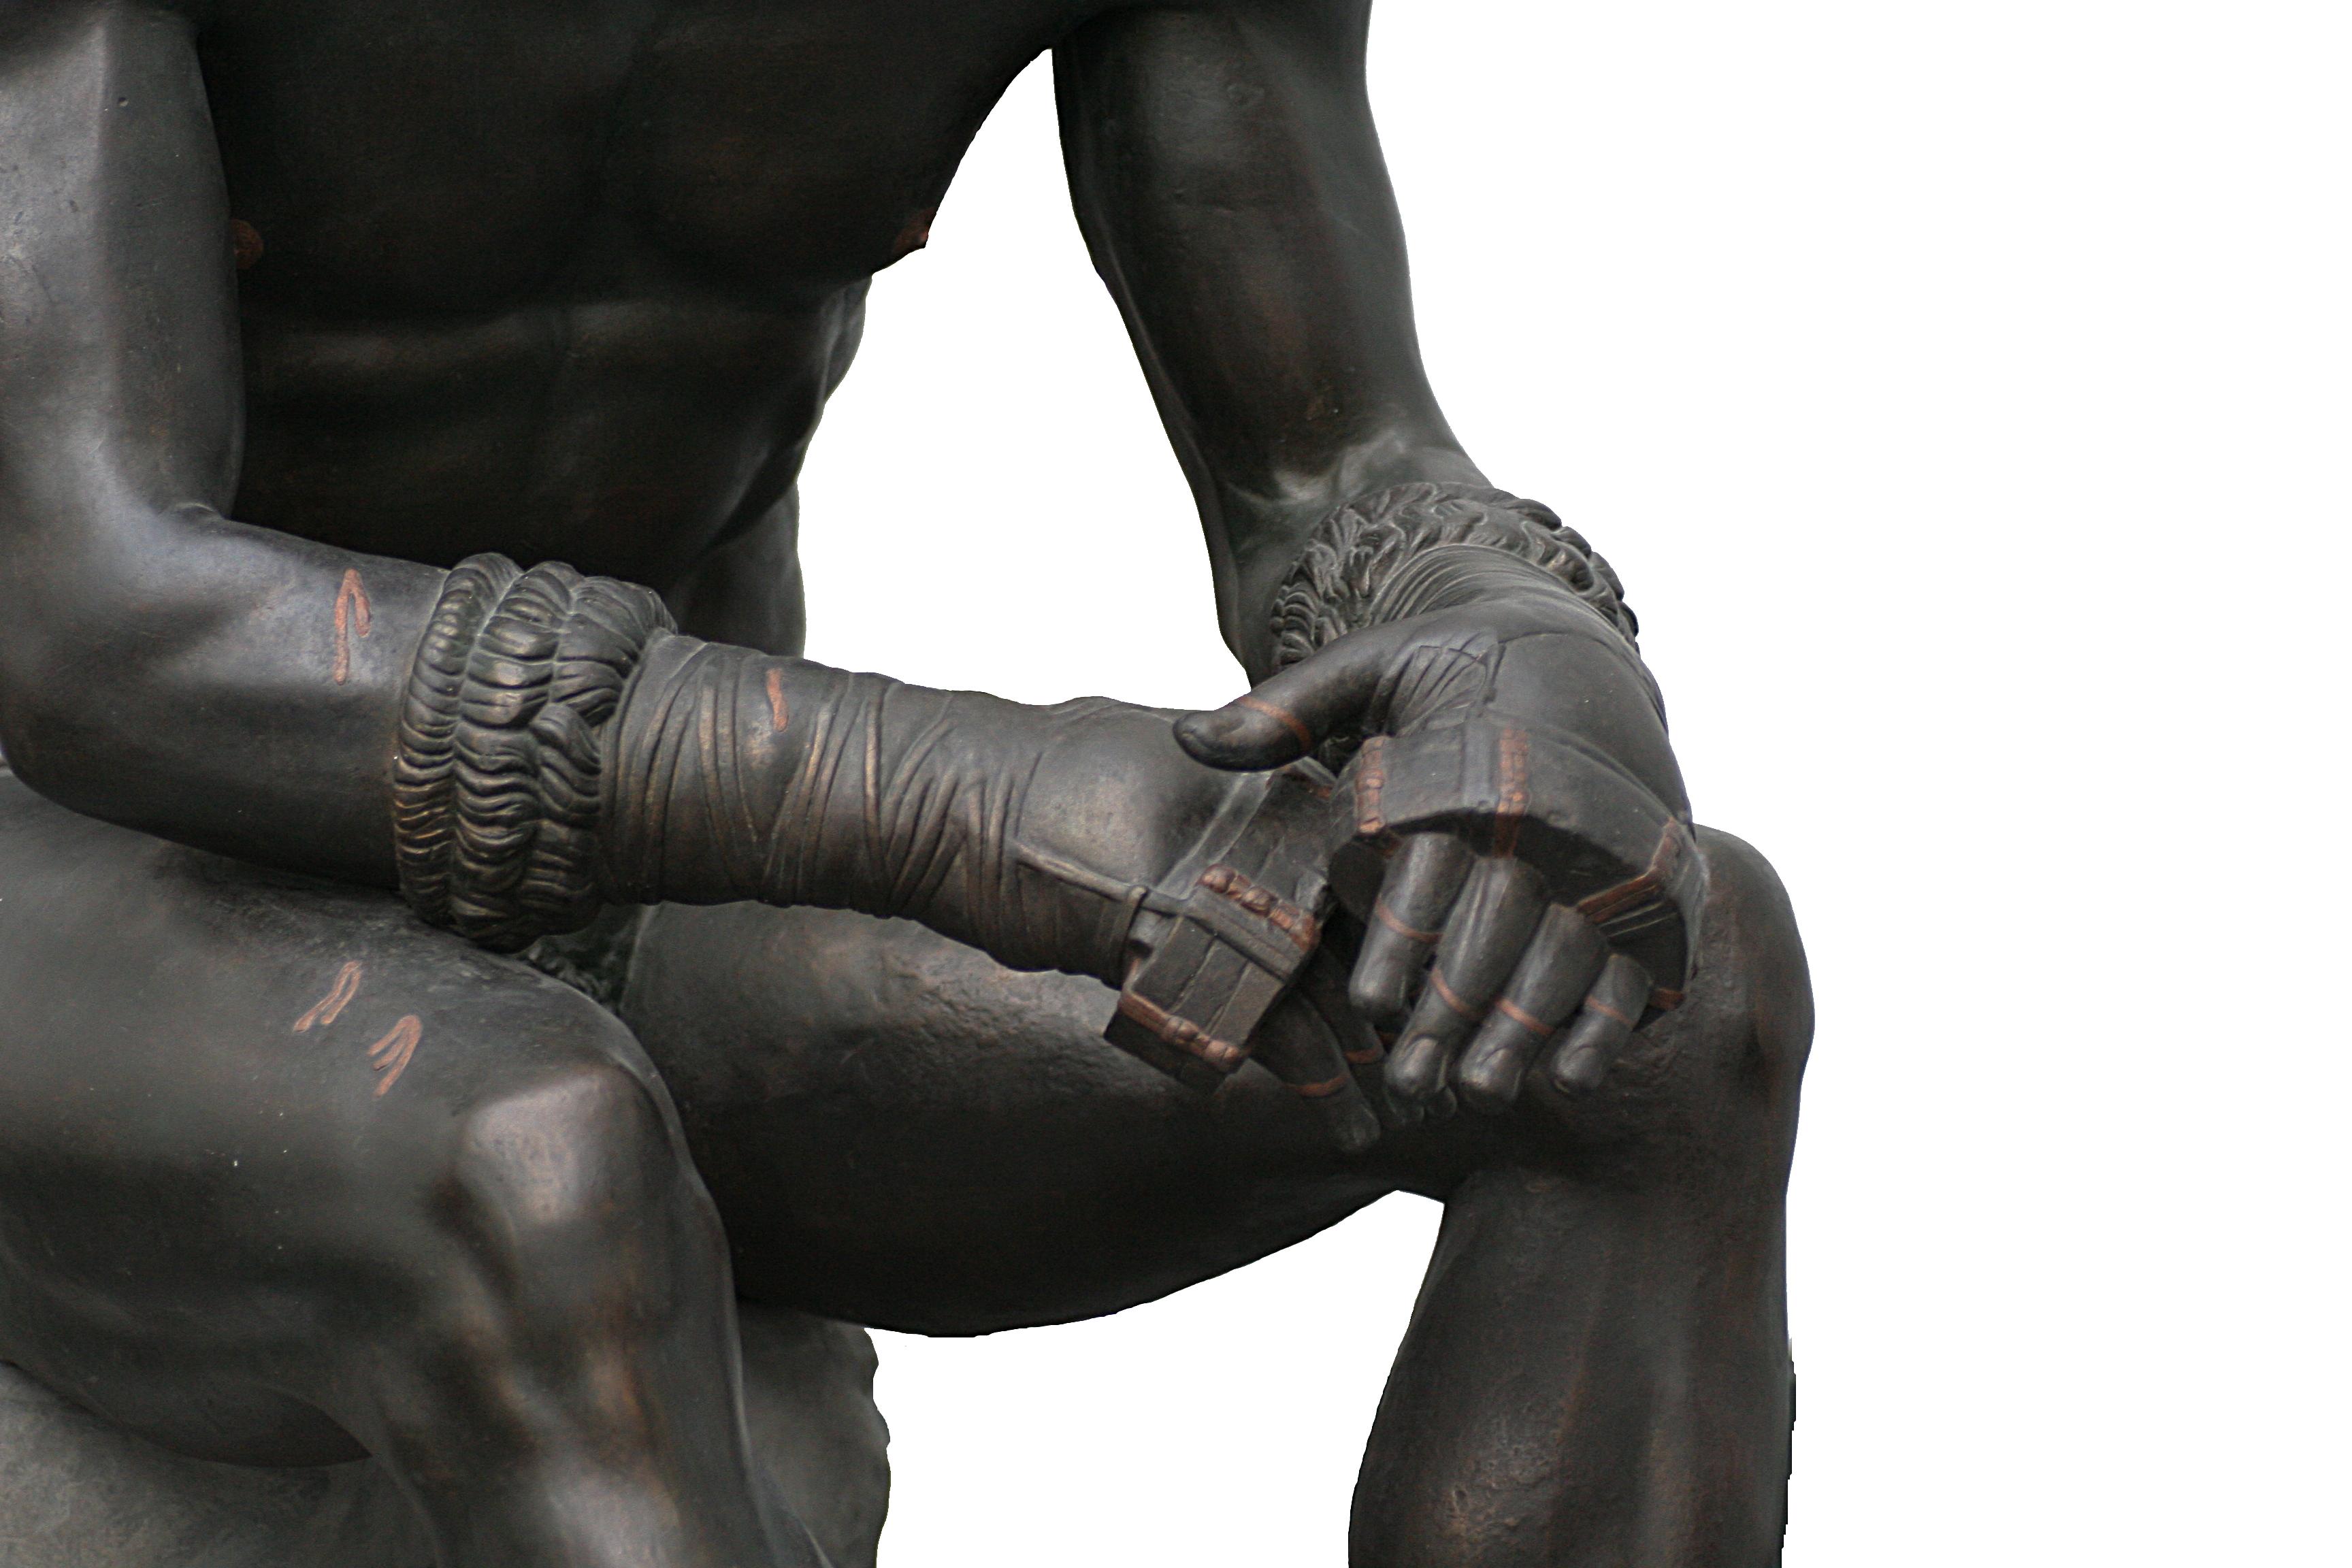 Удушение в кожаных перчатках